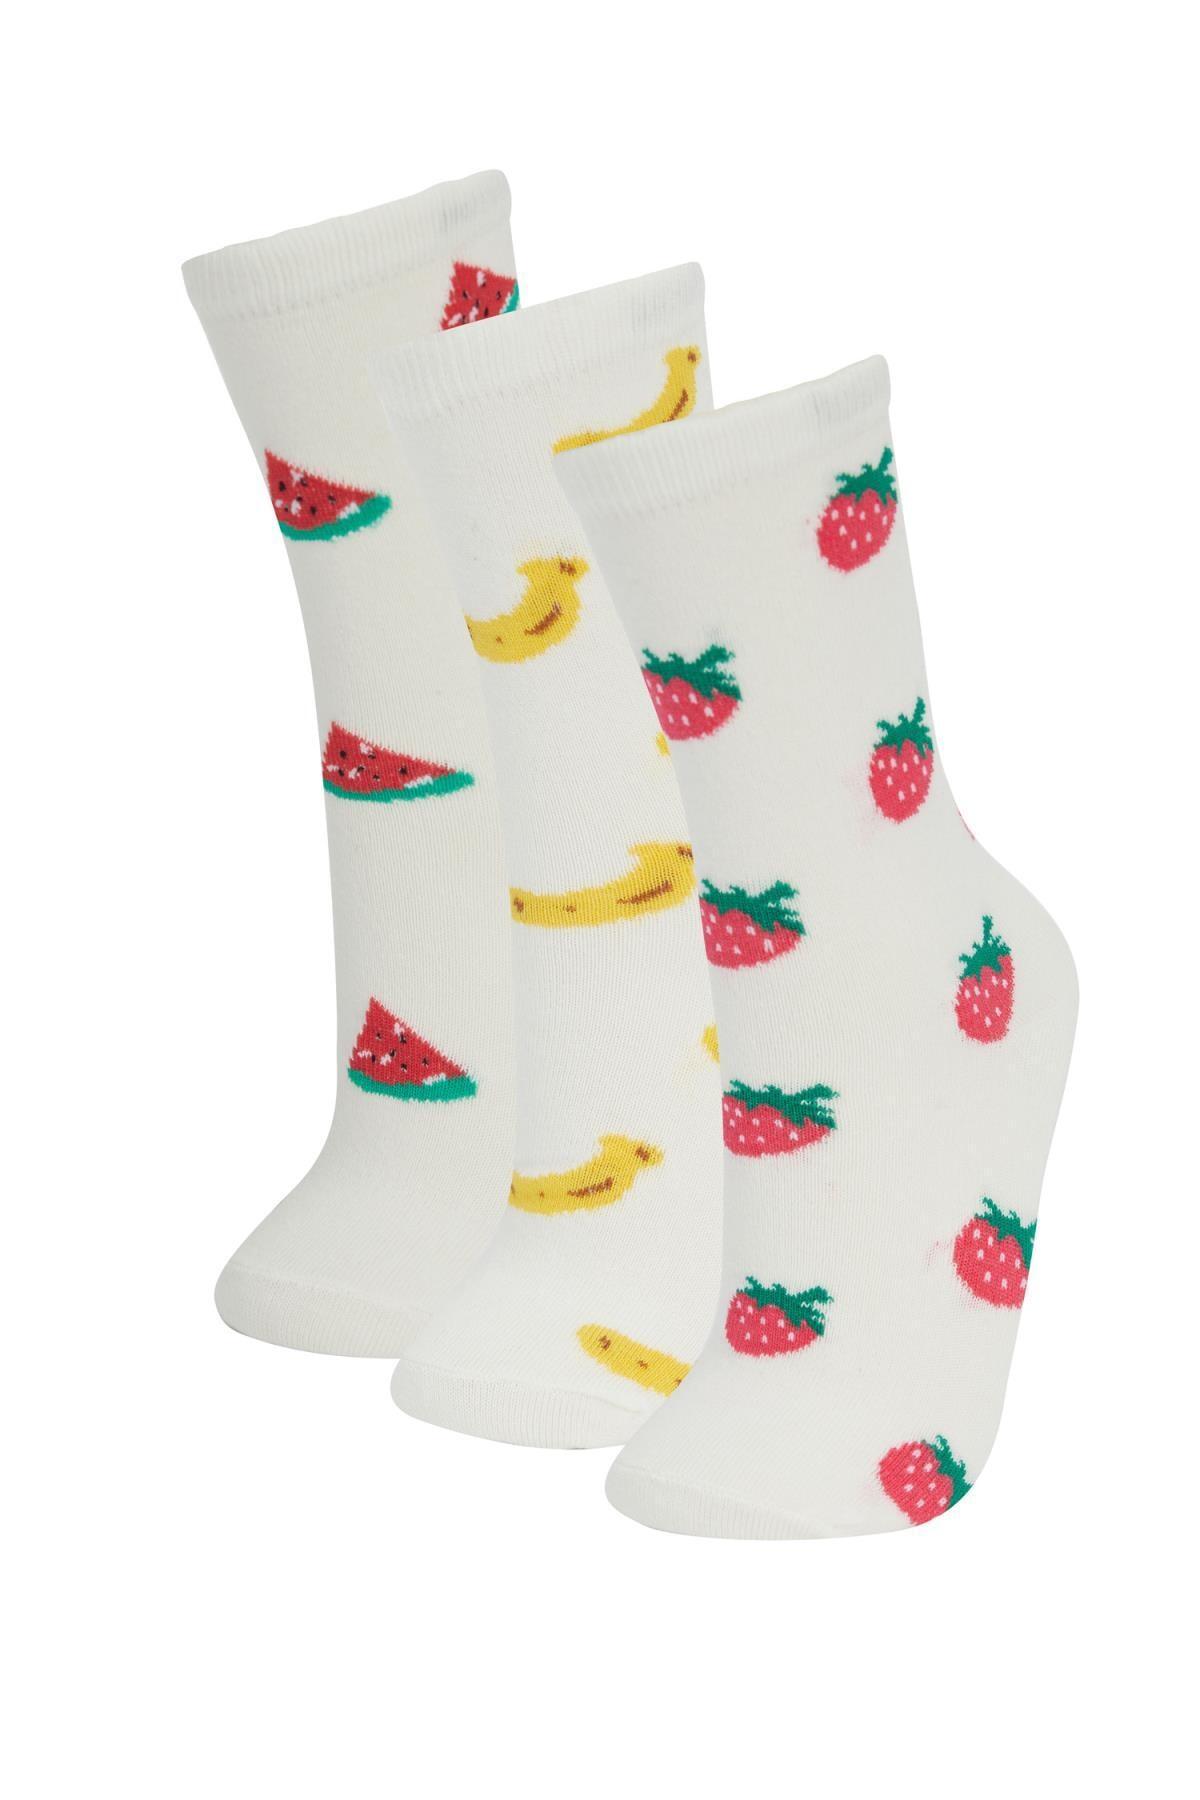 Defacto Meyve Desenli 3'lü Soket Çorap 0